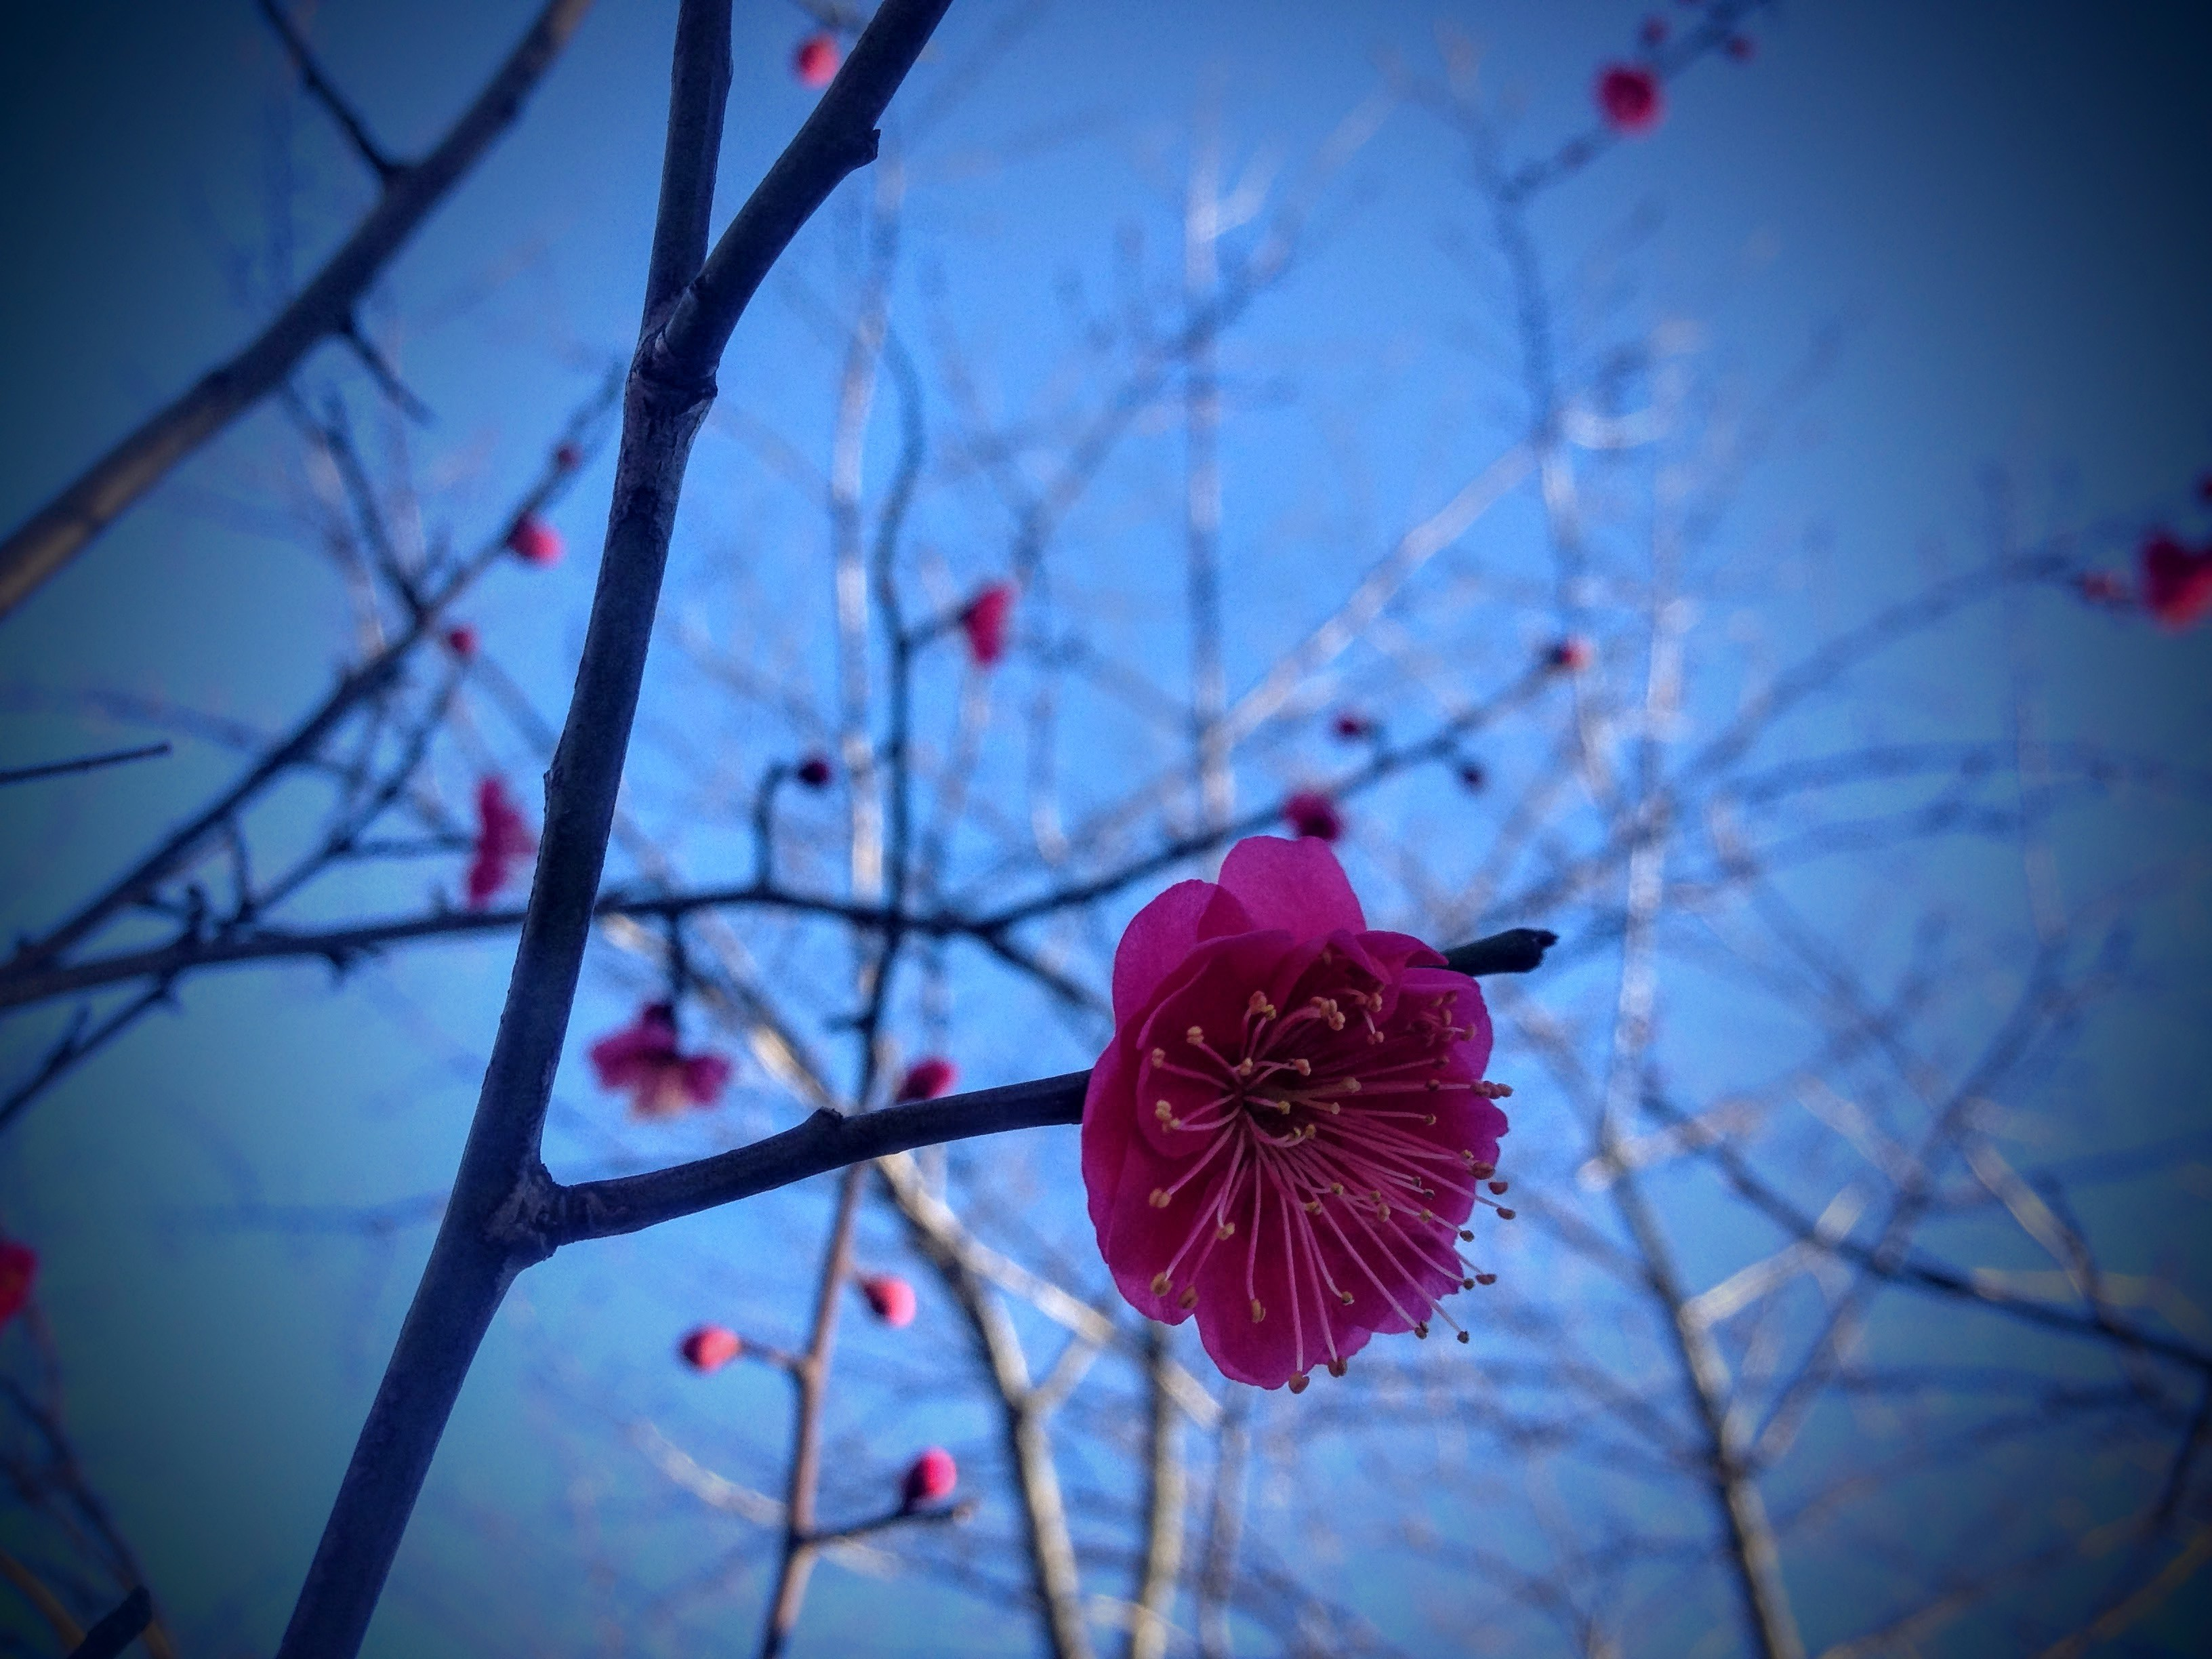 東京都中野区の老舗製麺所大成食品株式会社そば 新井薬師公園近くで開花した寒梅